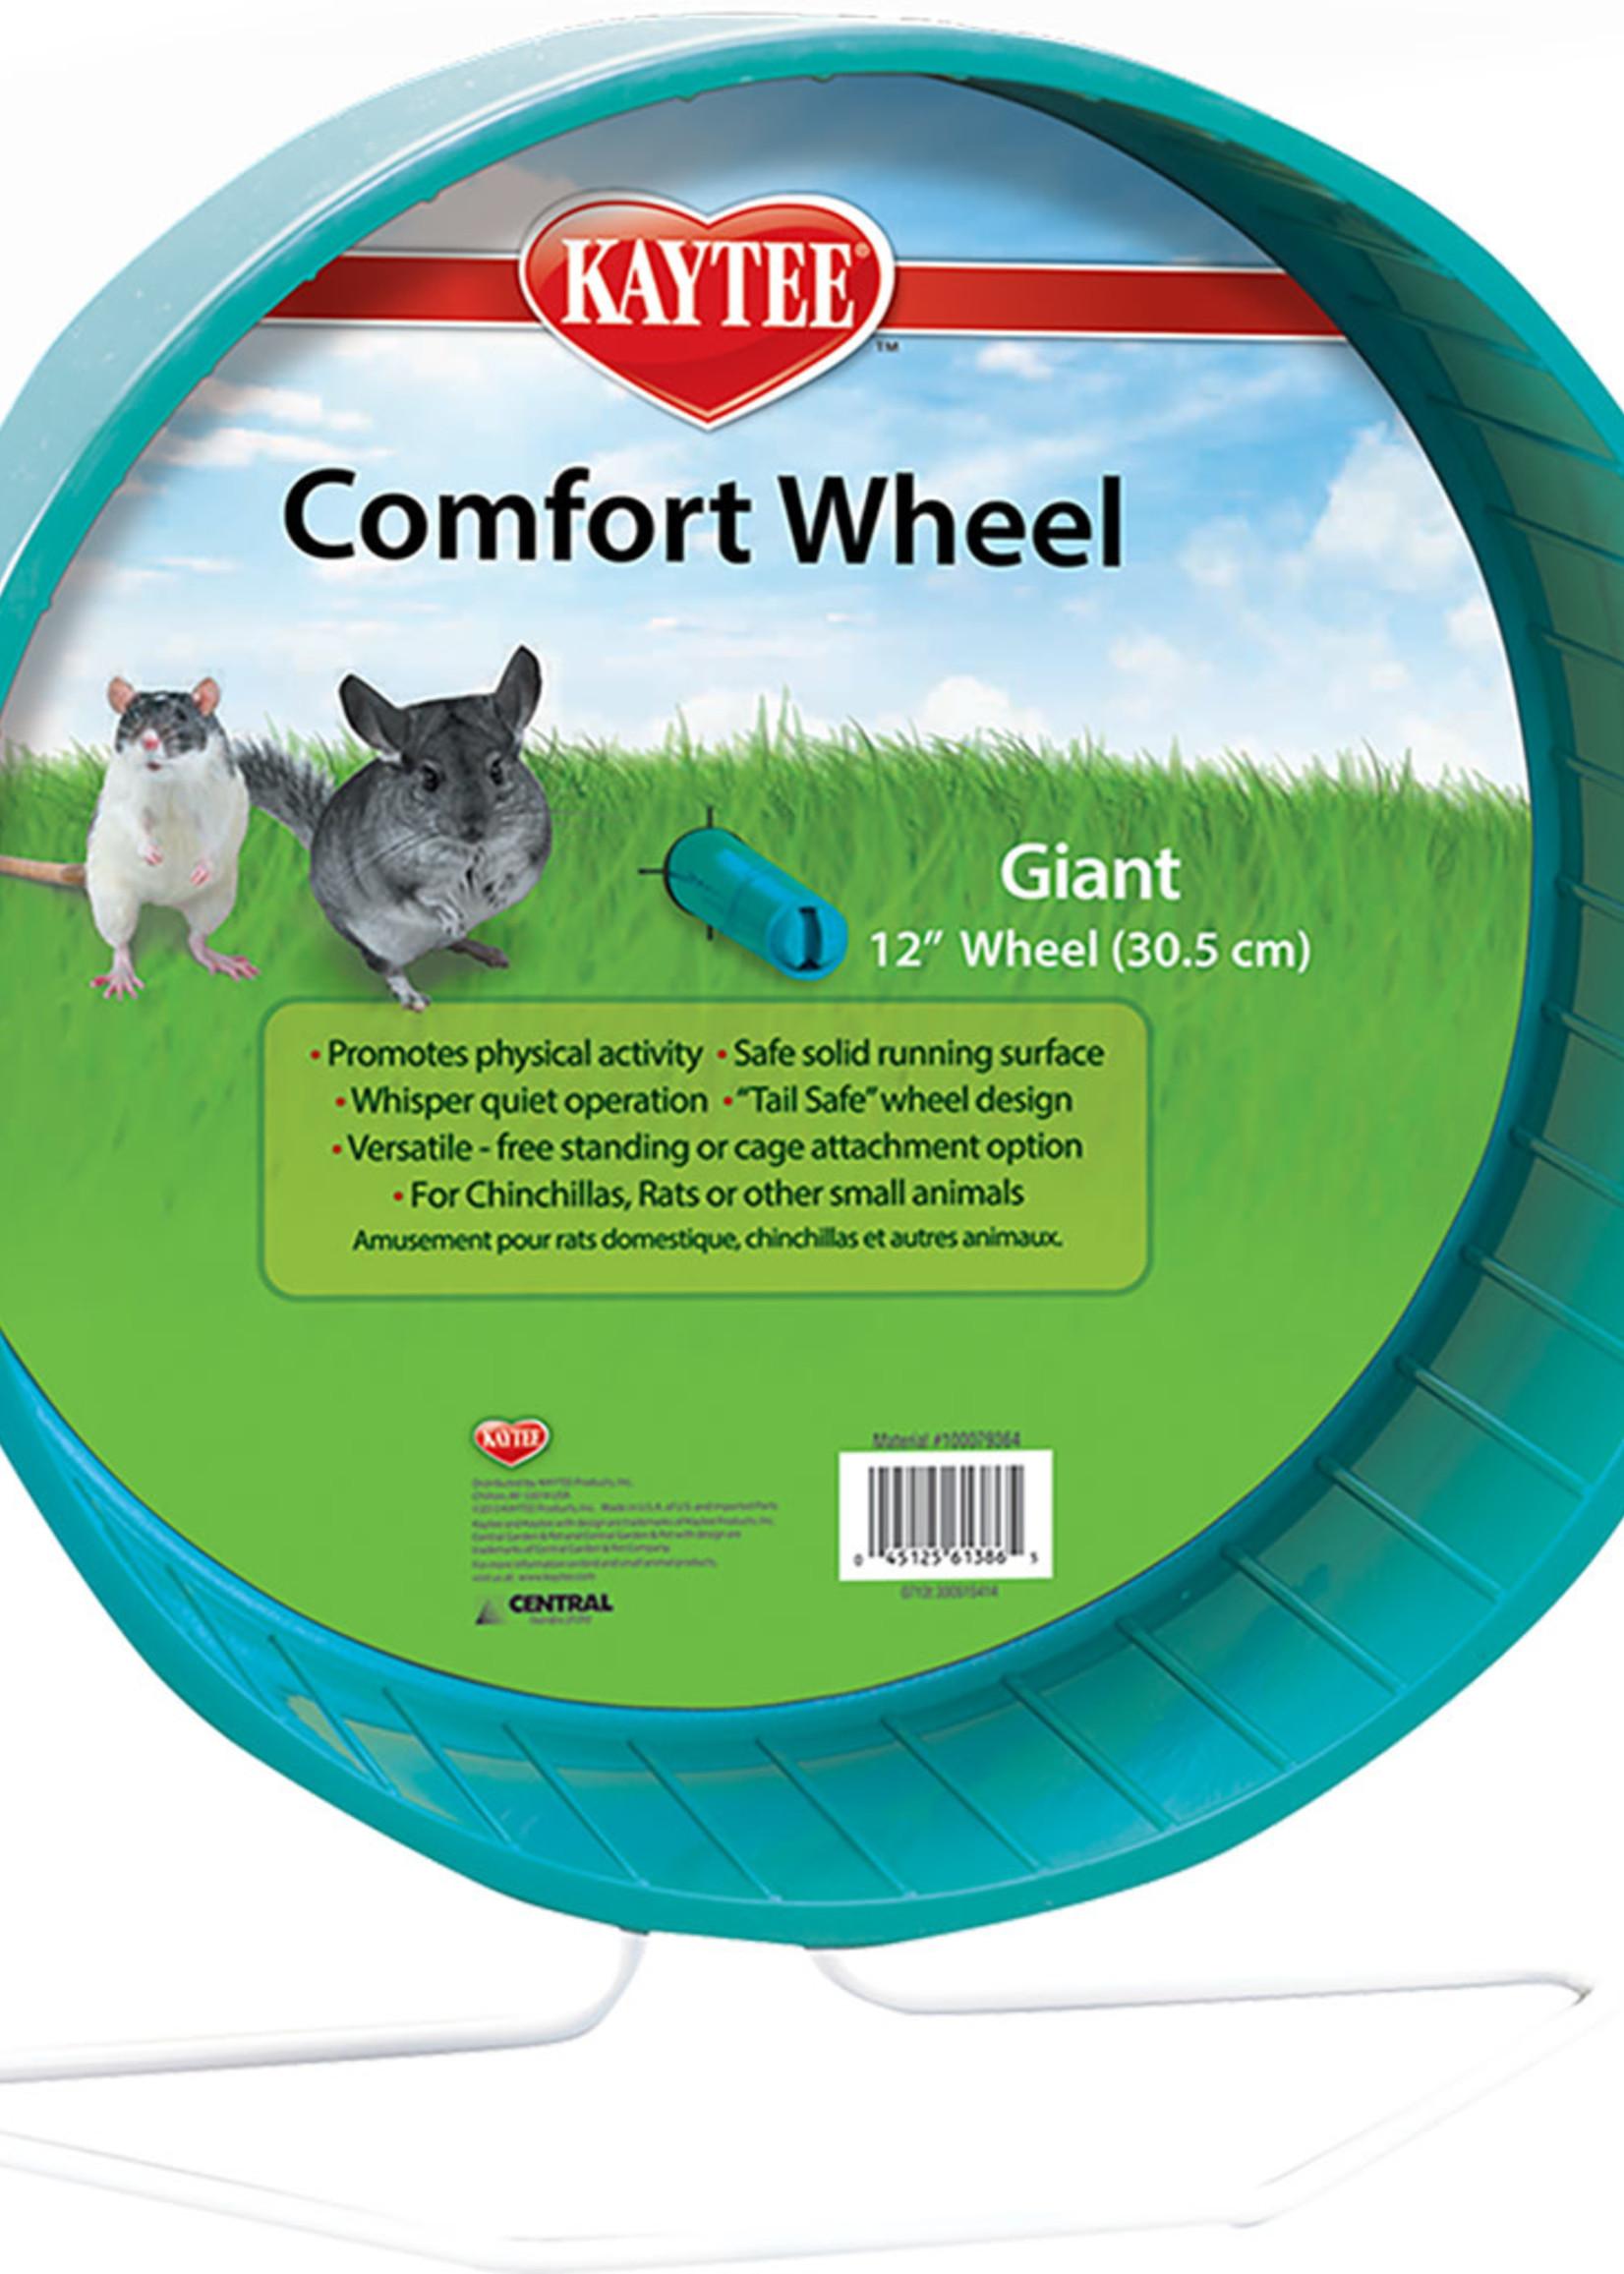 KAYTEE Comfort Wheel Giant 12